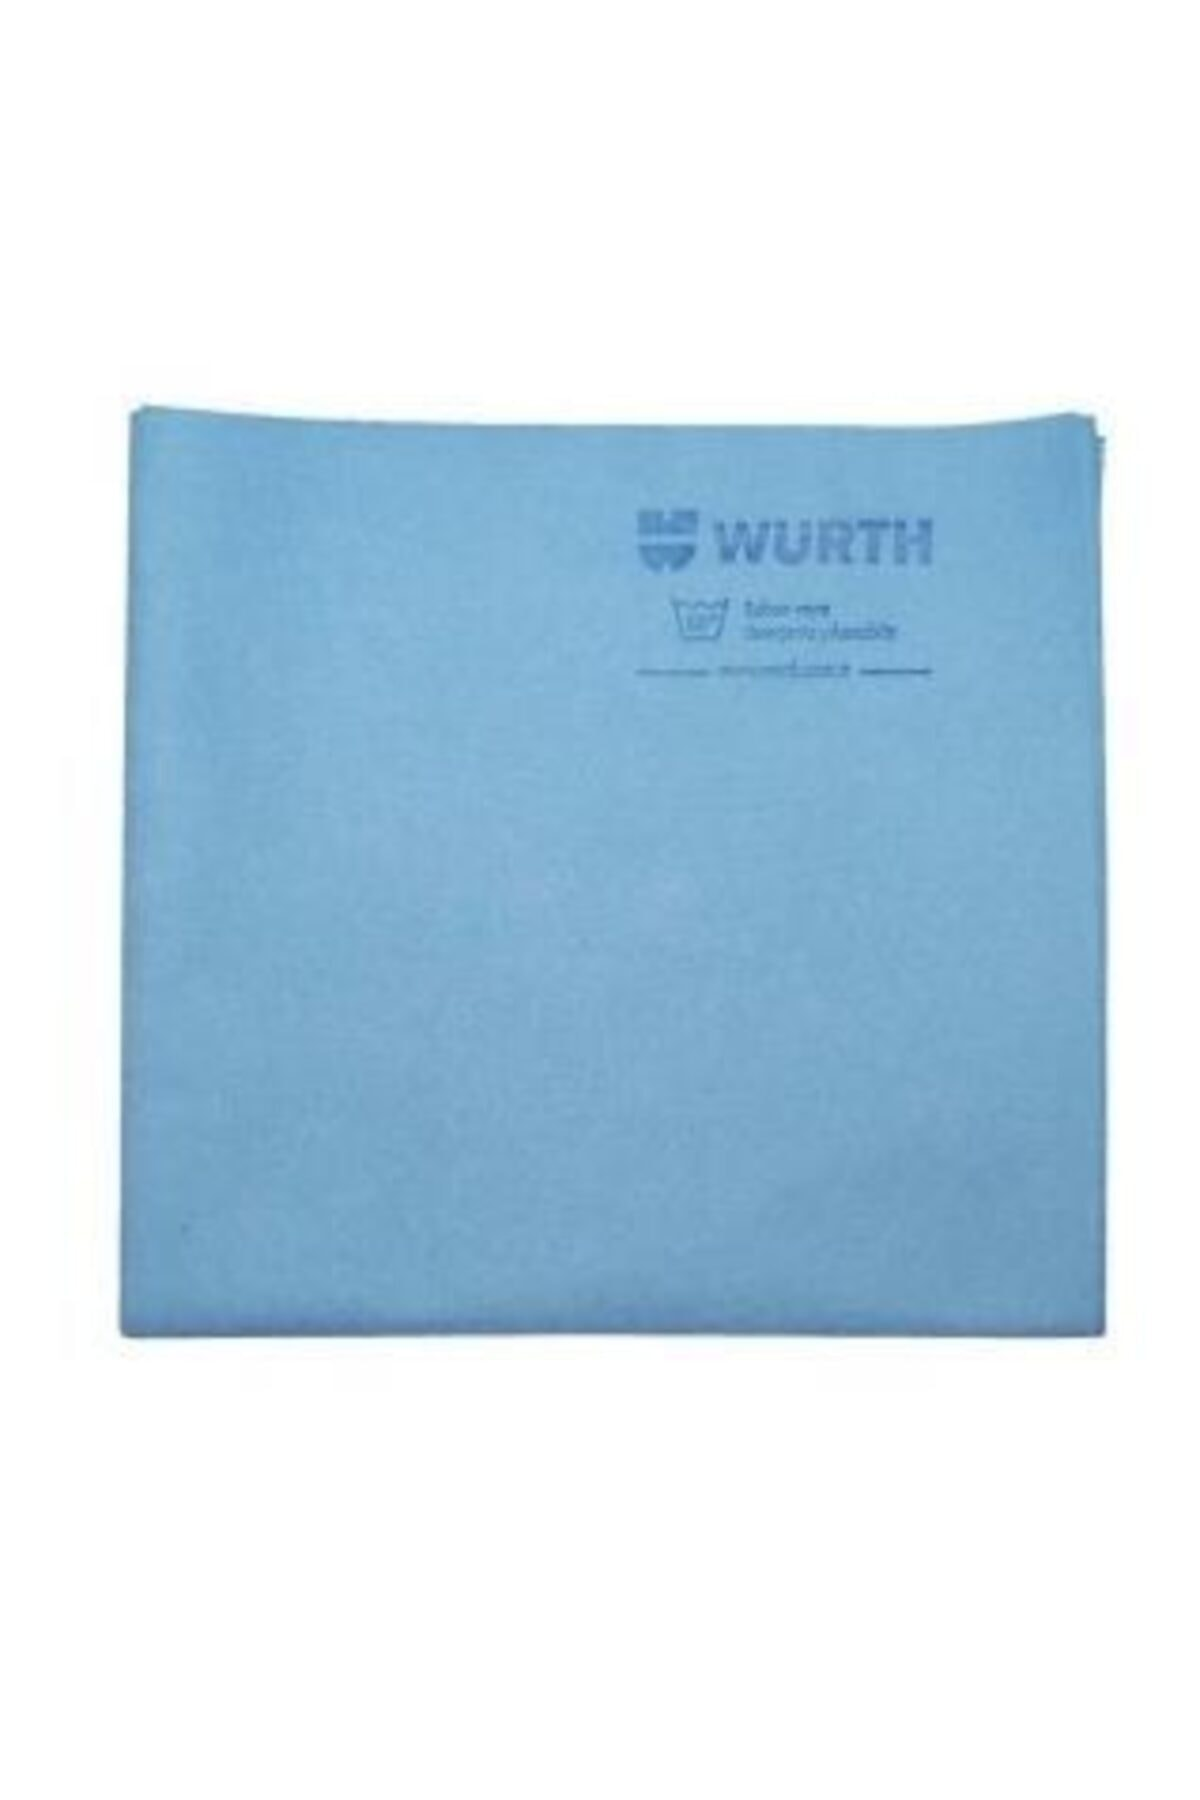 Würth 38x60 Cm Sentetik Güderi Bez Mavi 130 Gr Sk001897 1